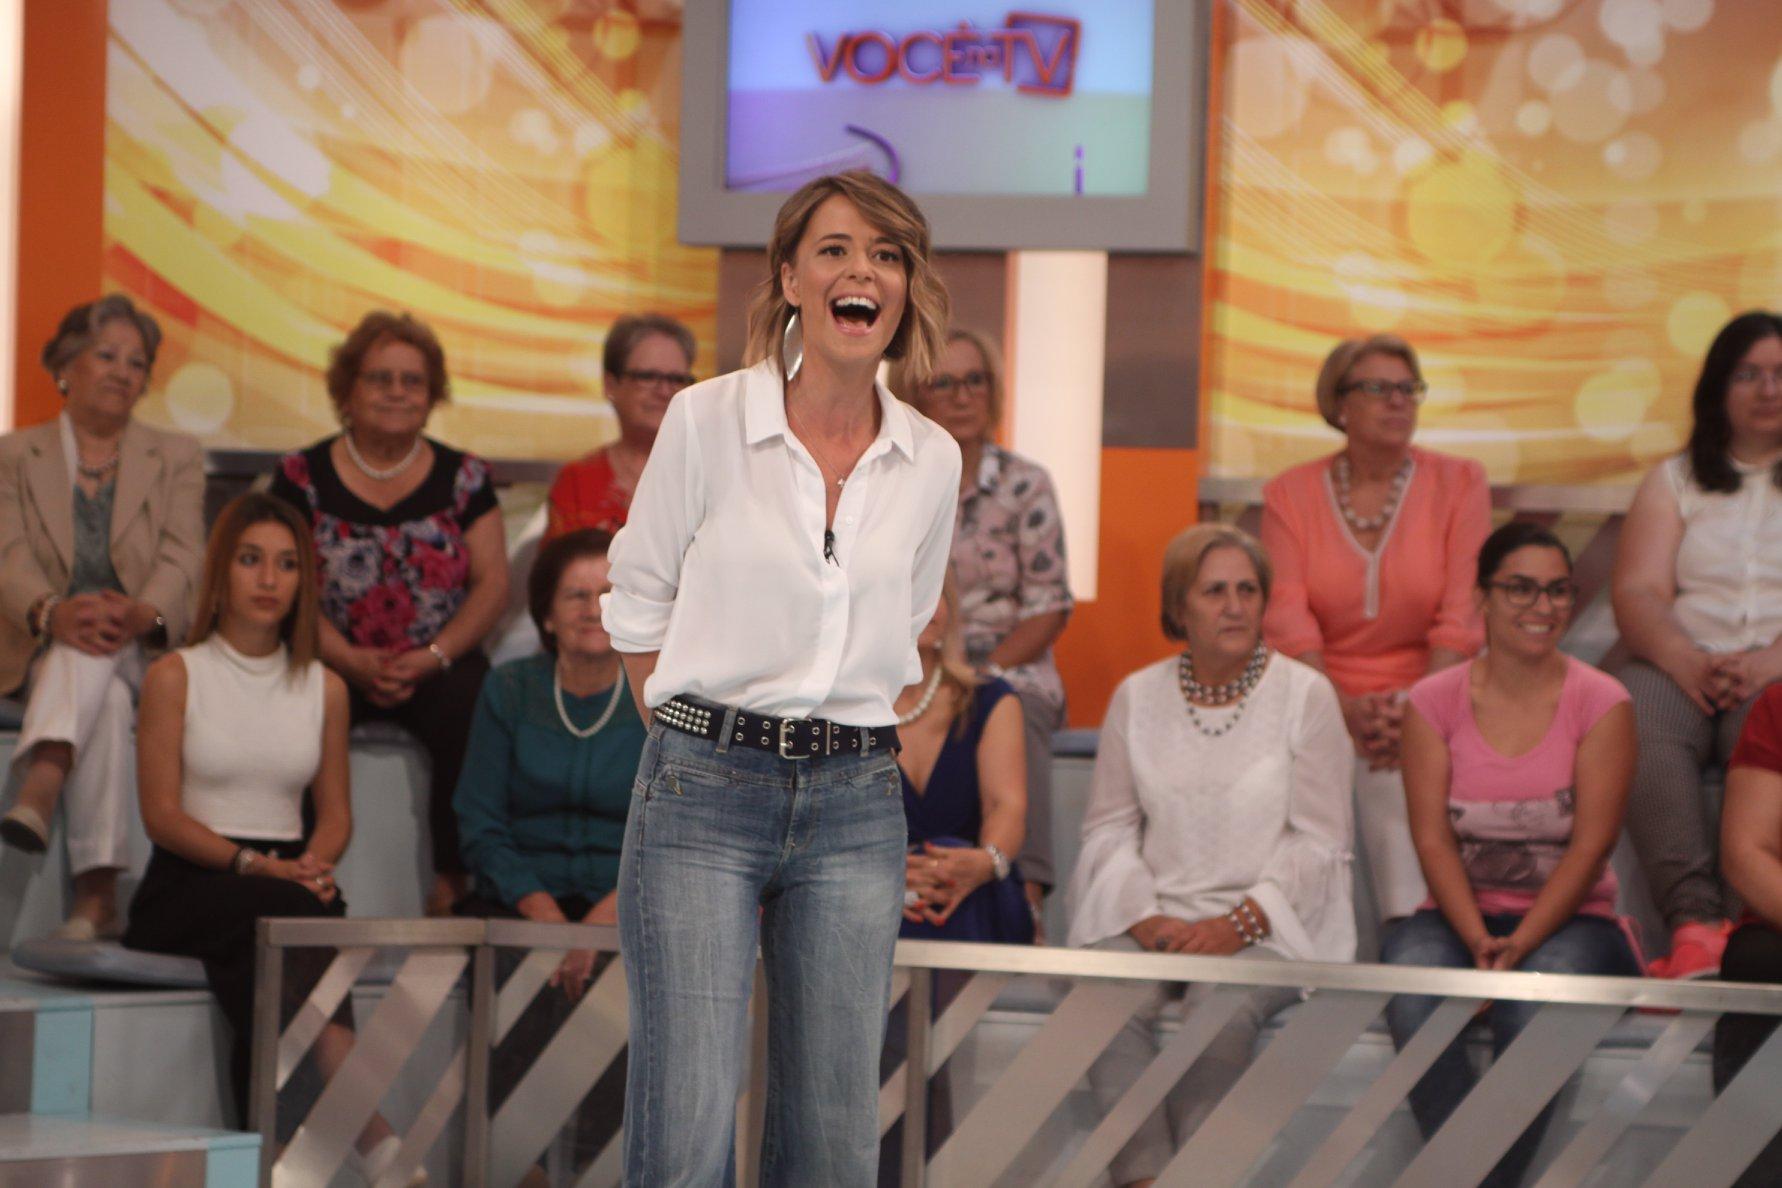 Leonor Poeiras Voce Na Tv 1 Leonor Poeiras Estreia-Se No «Você Na Tv» E É Criticada